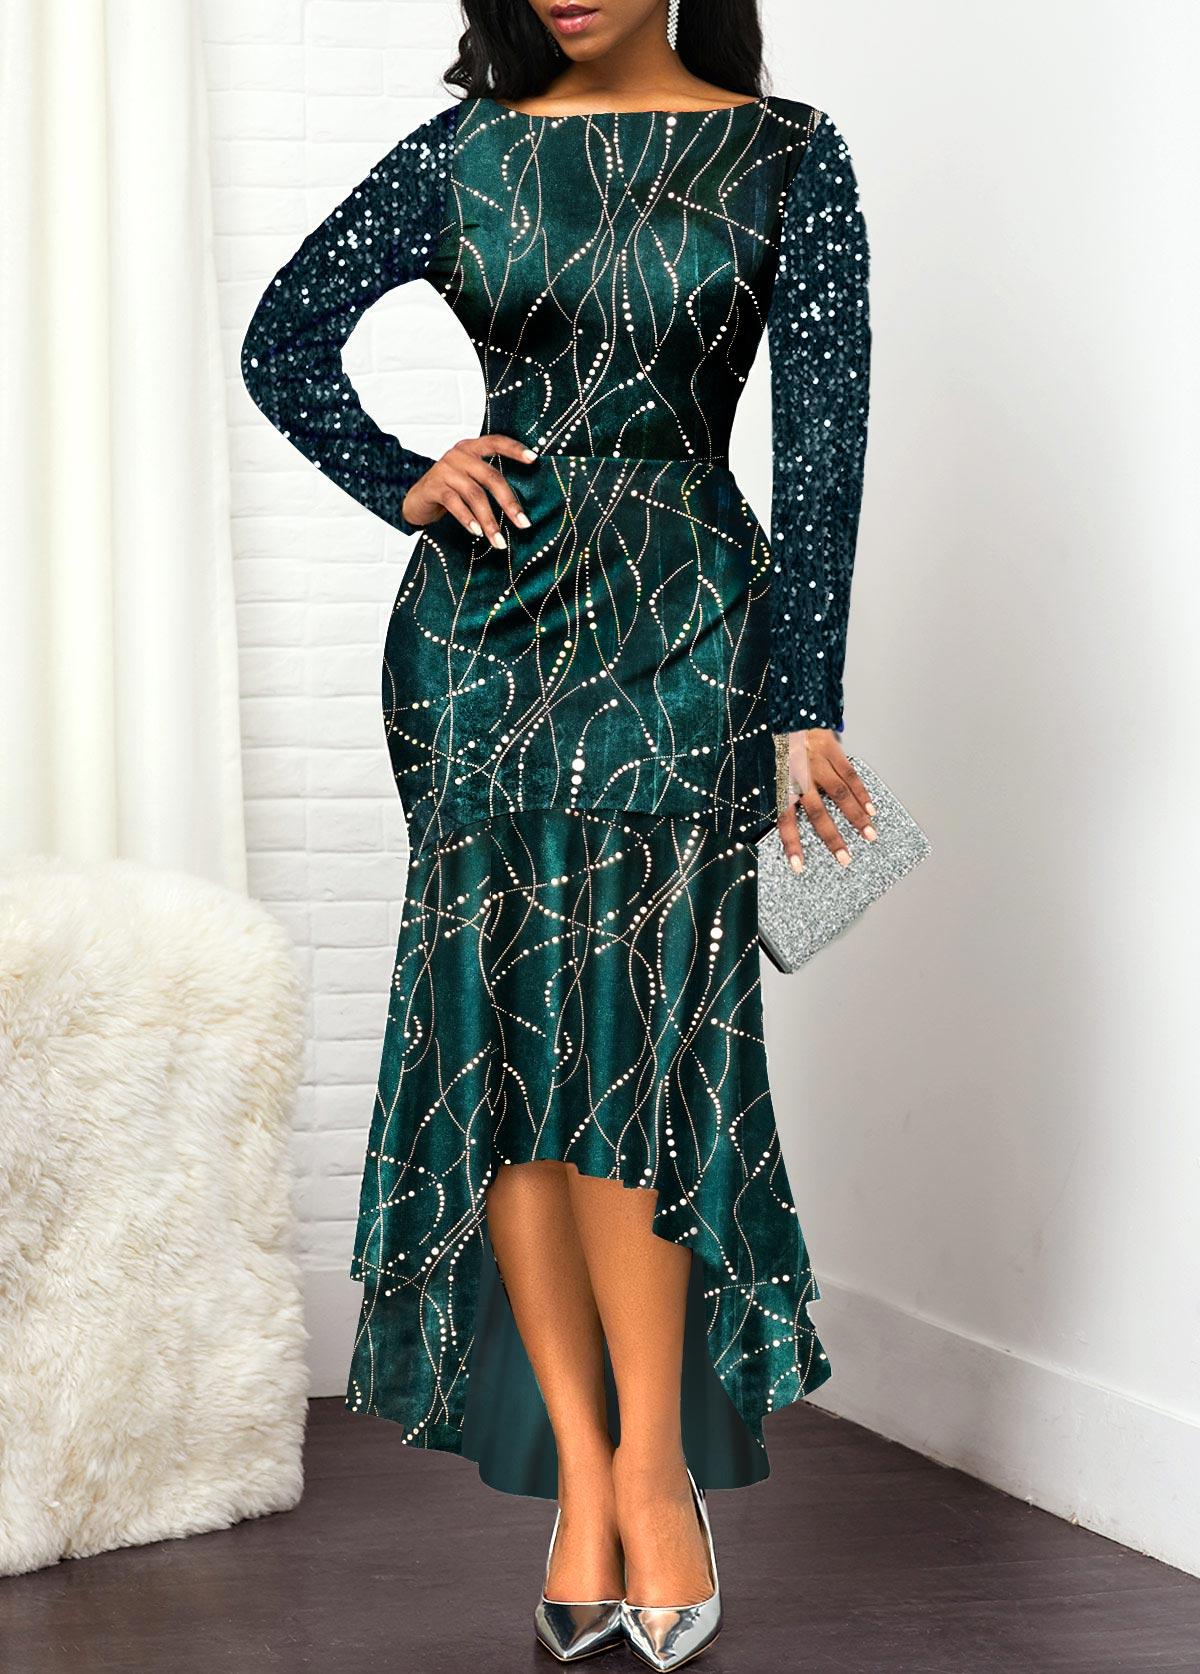 Boat Neck High Low Sequin Embellished Dress